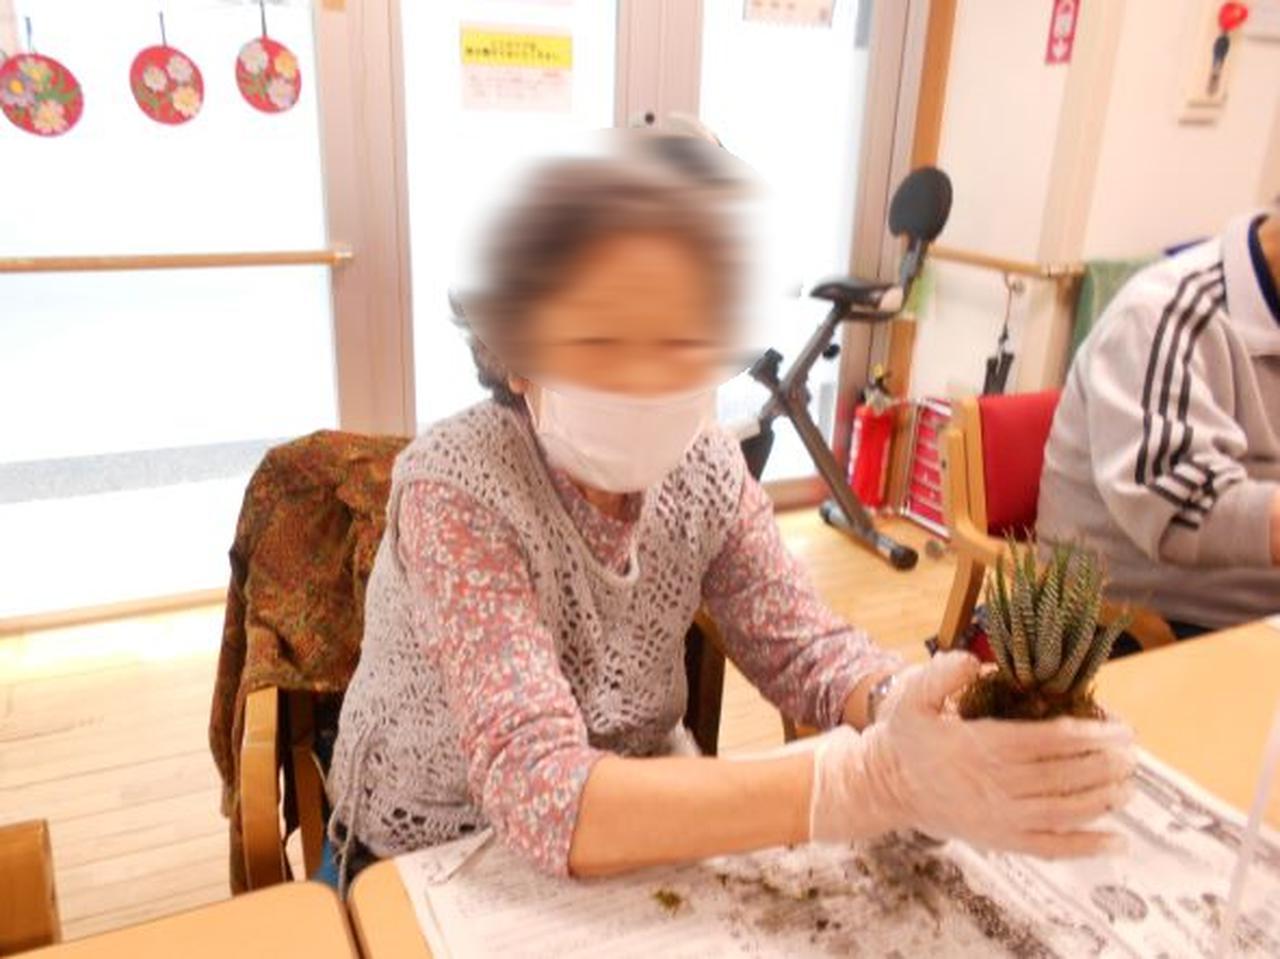 画像5: リクエスト手工芸「苔玉づくり」